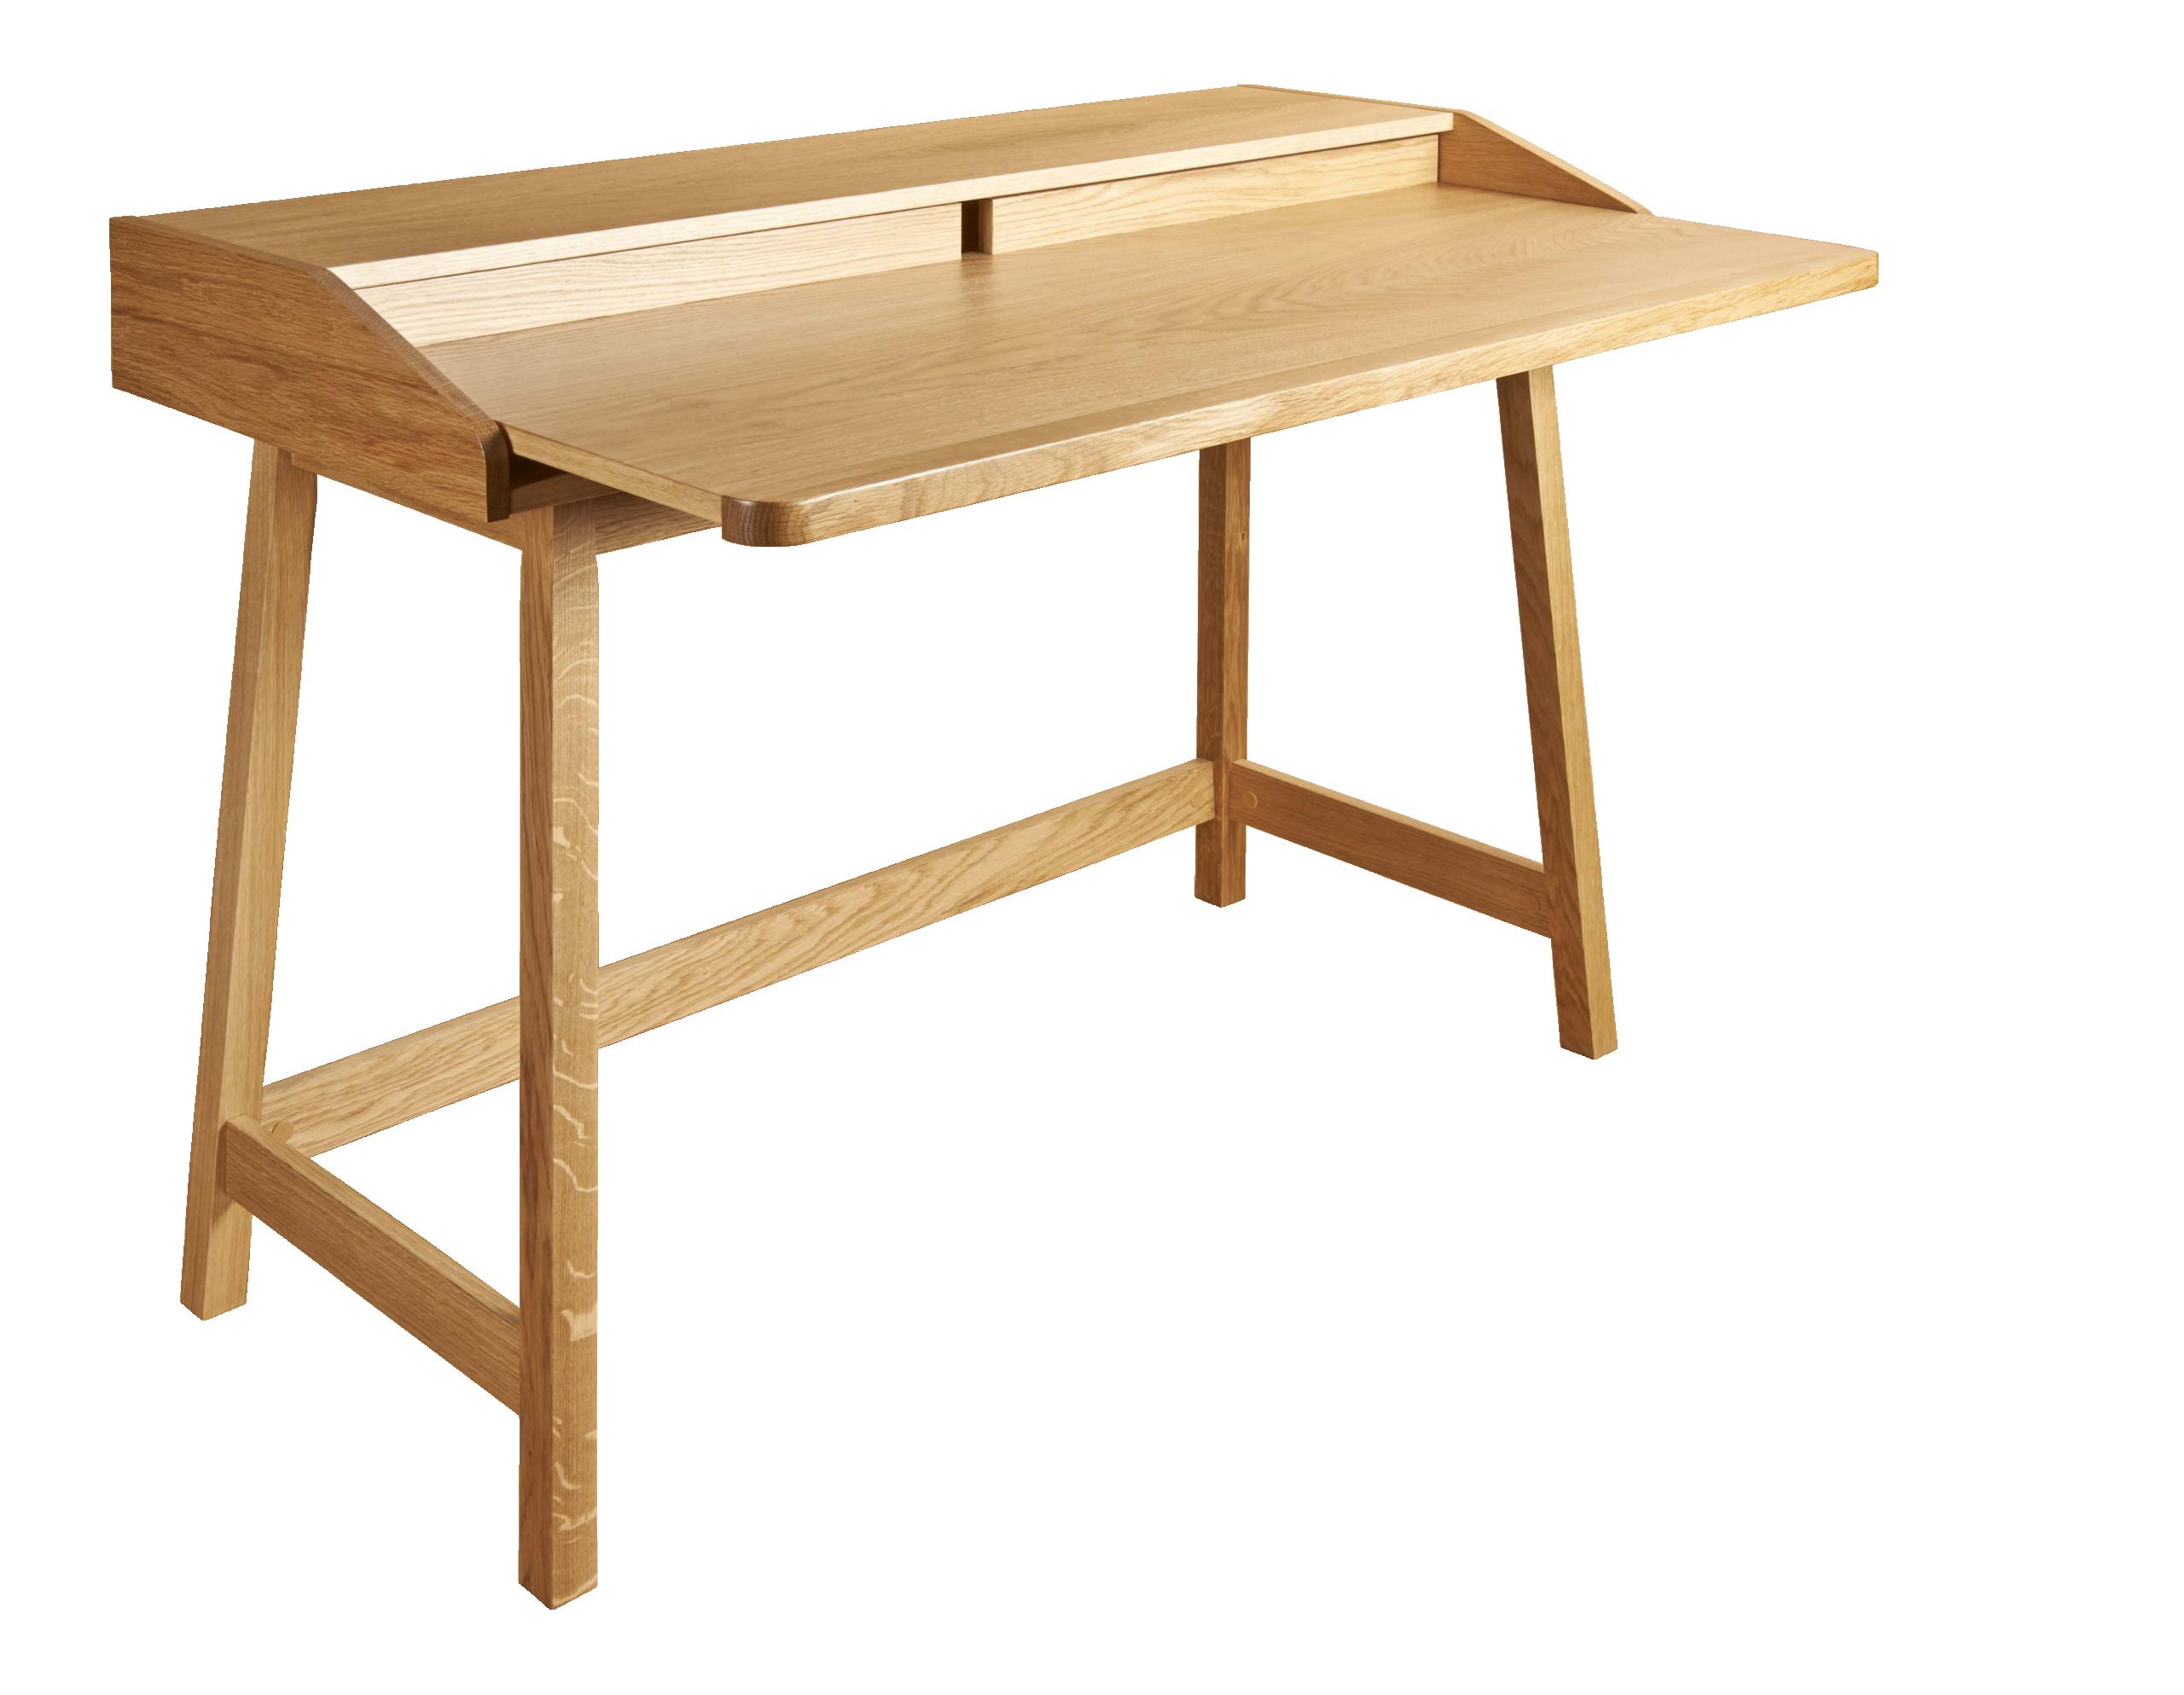 St james bureau en chêne deco desk oak desk et